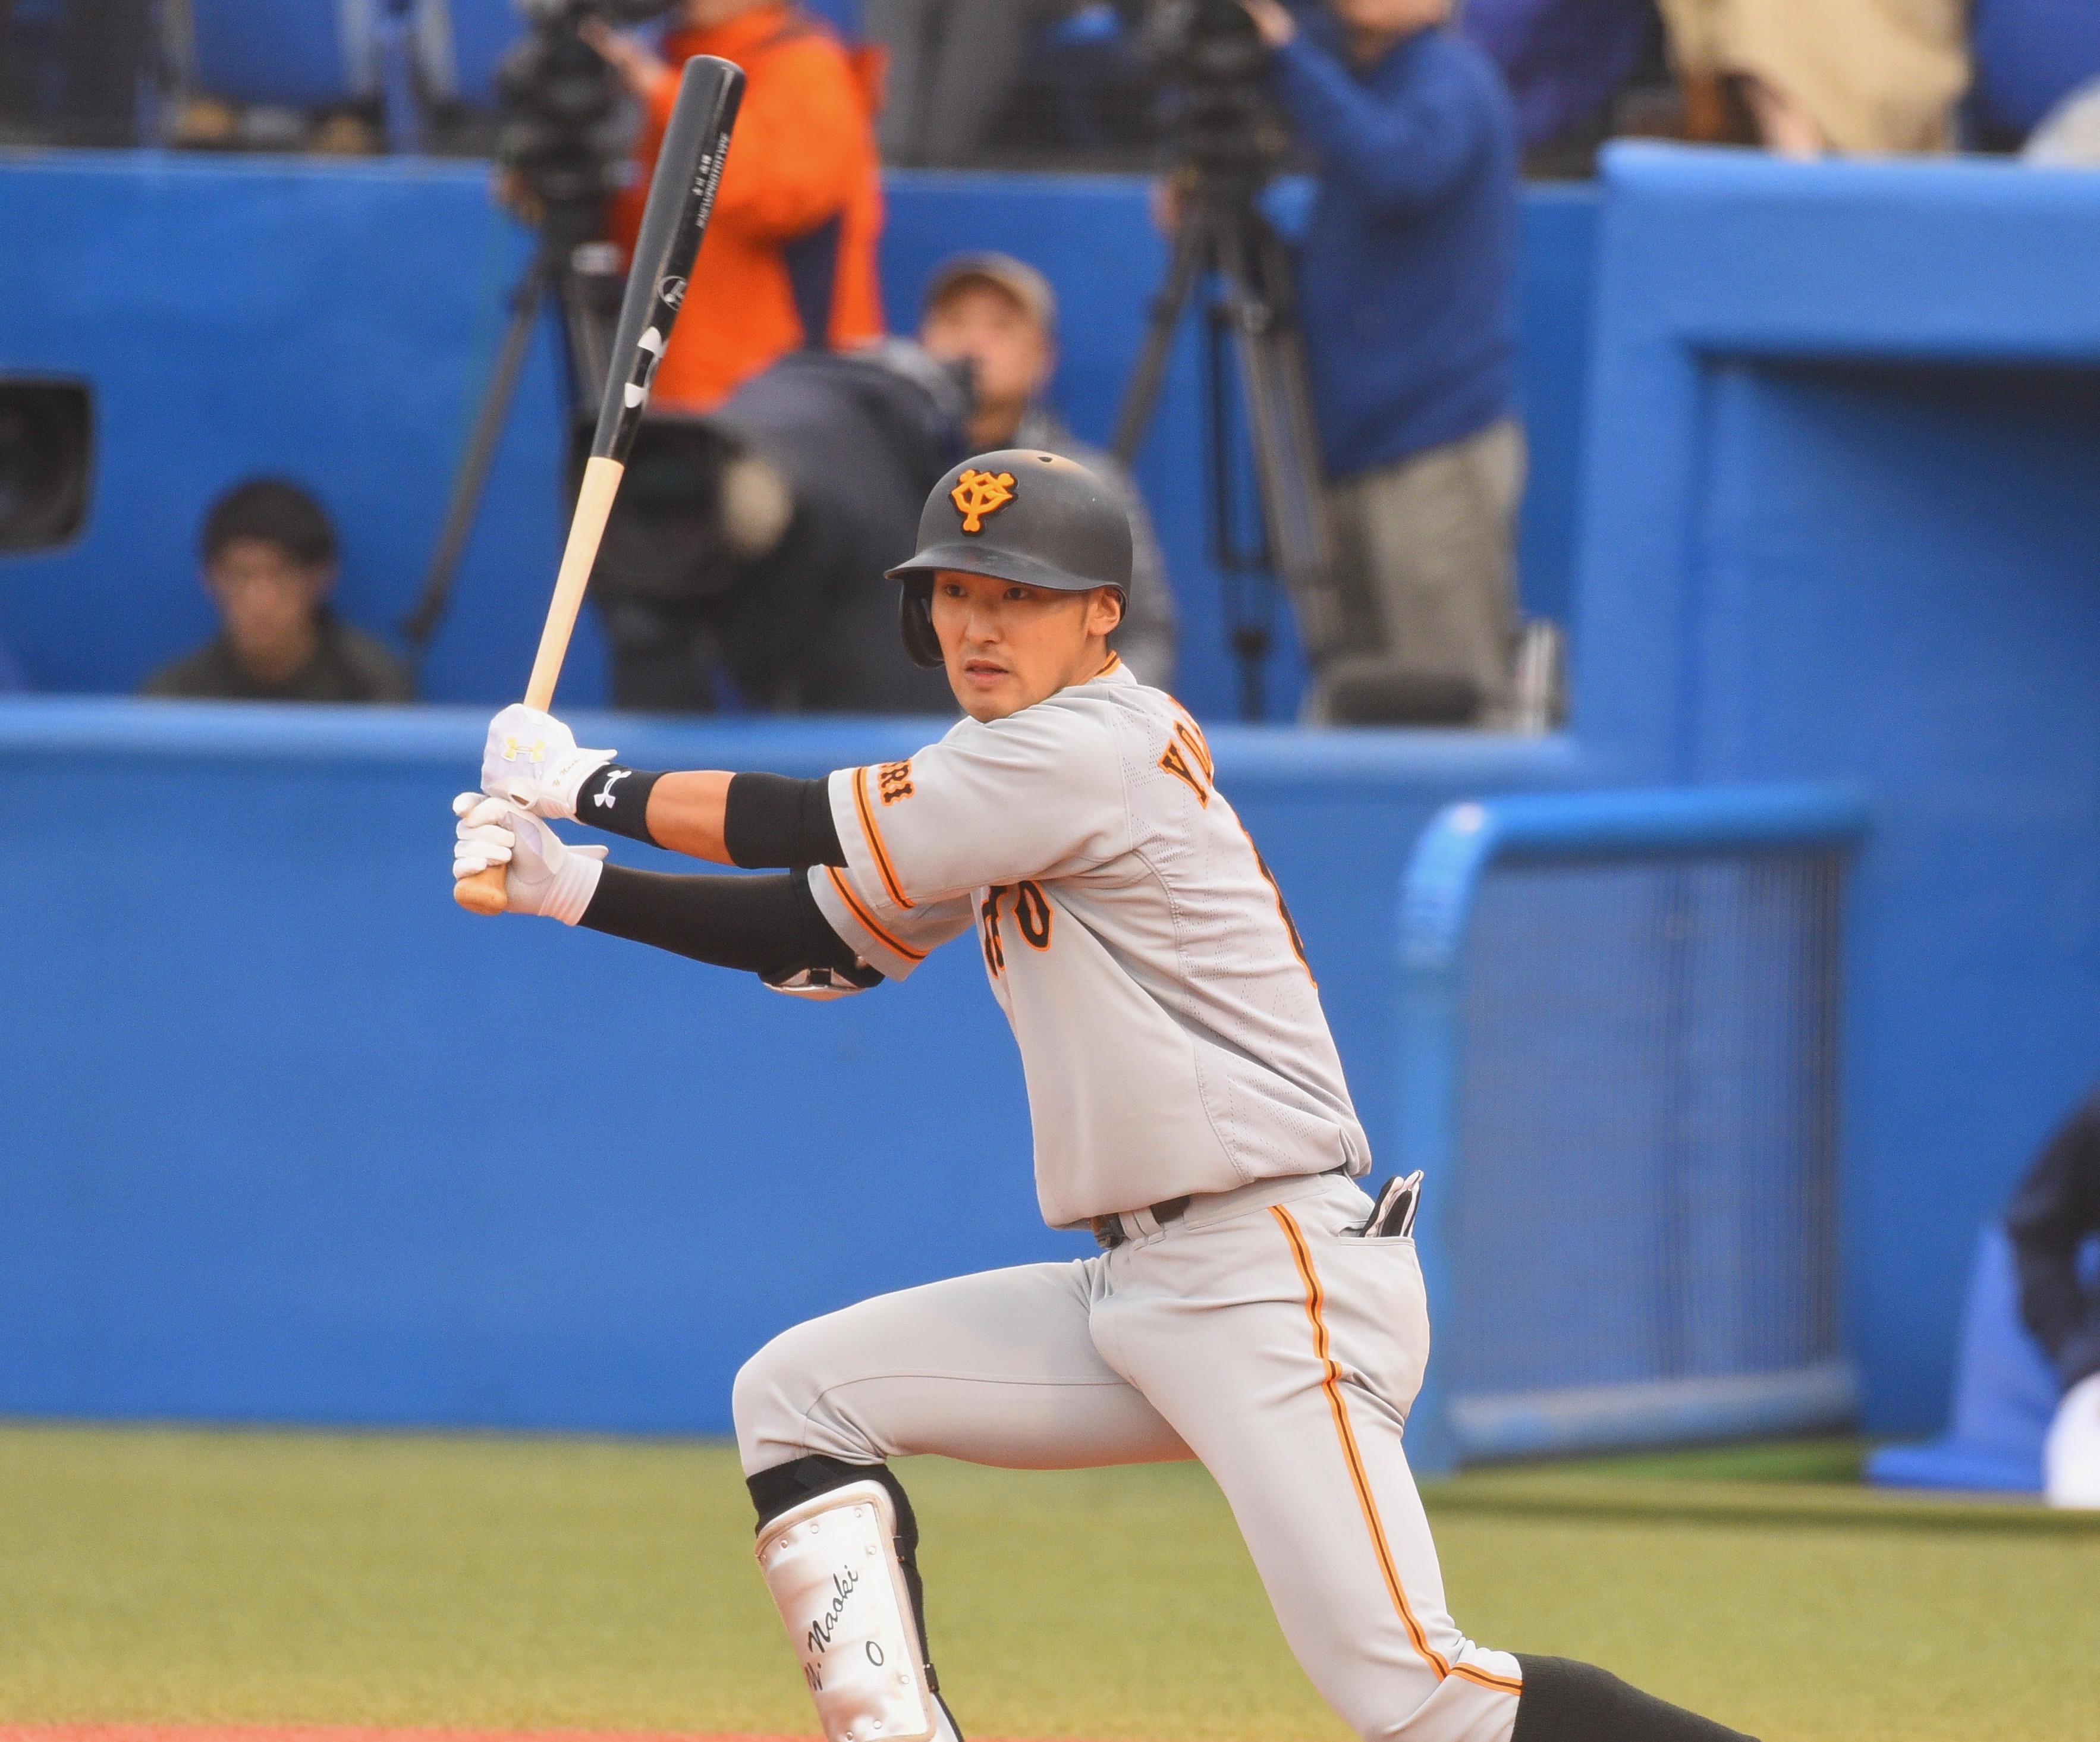 尚輝 背 番号 吉川 プロ初のサヨナラ打 巨人・吉川尚「背番号16」だけど…ボール止まっては見えませんでした!